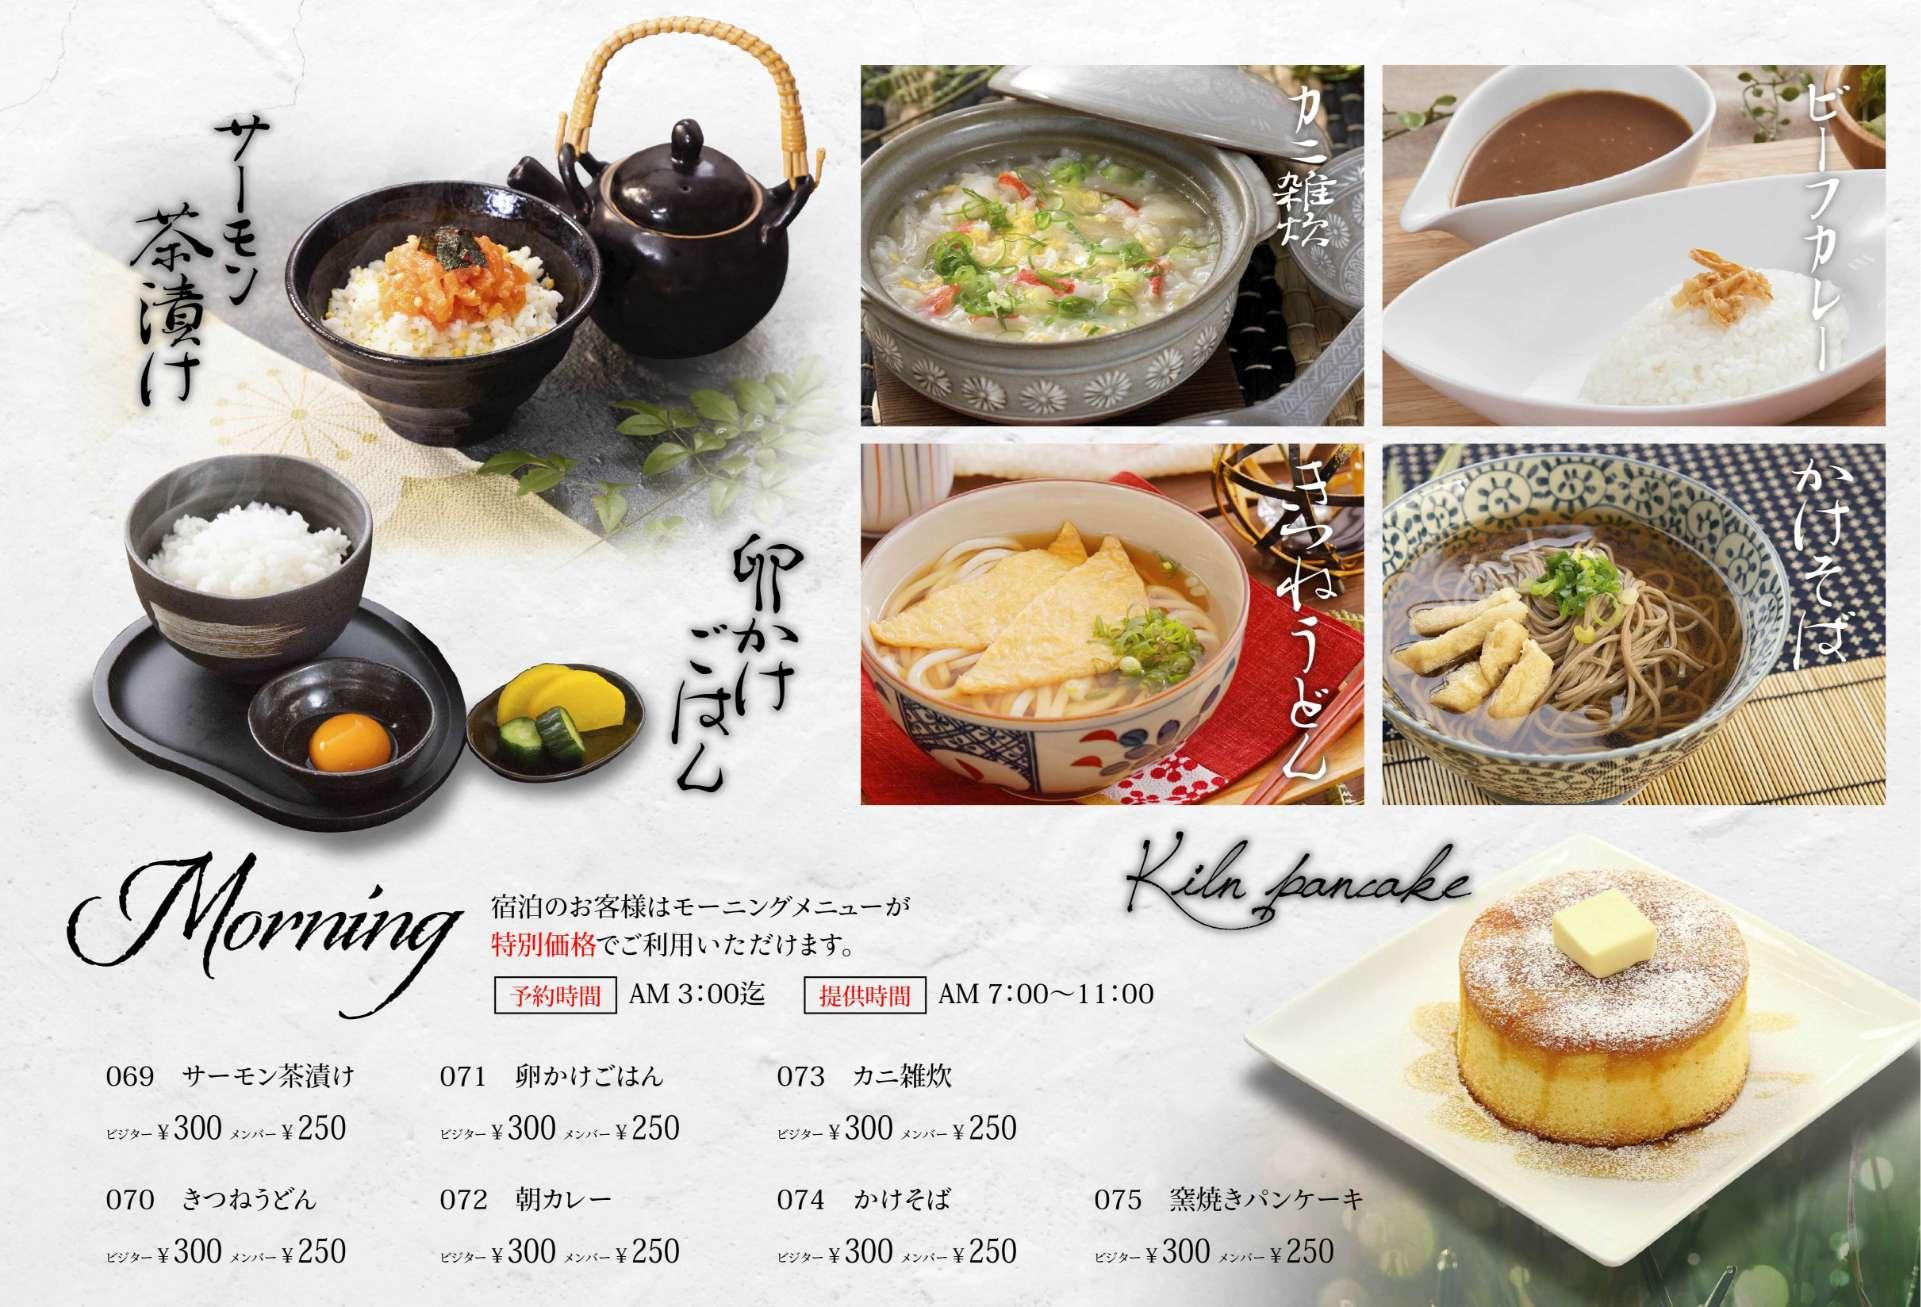 FUTARINO HOTEL(ふたりのホテル) フード・ドリンクメニュー「和食・洋食モーニング」